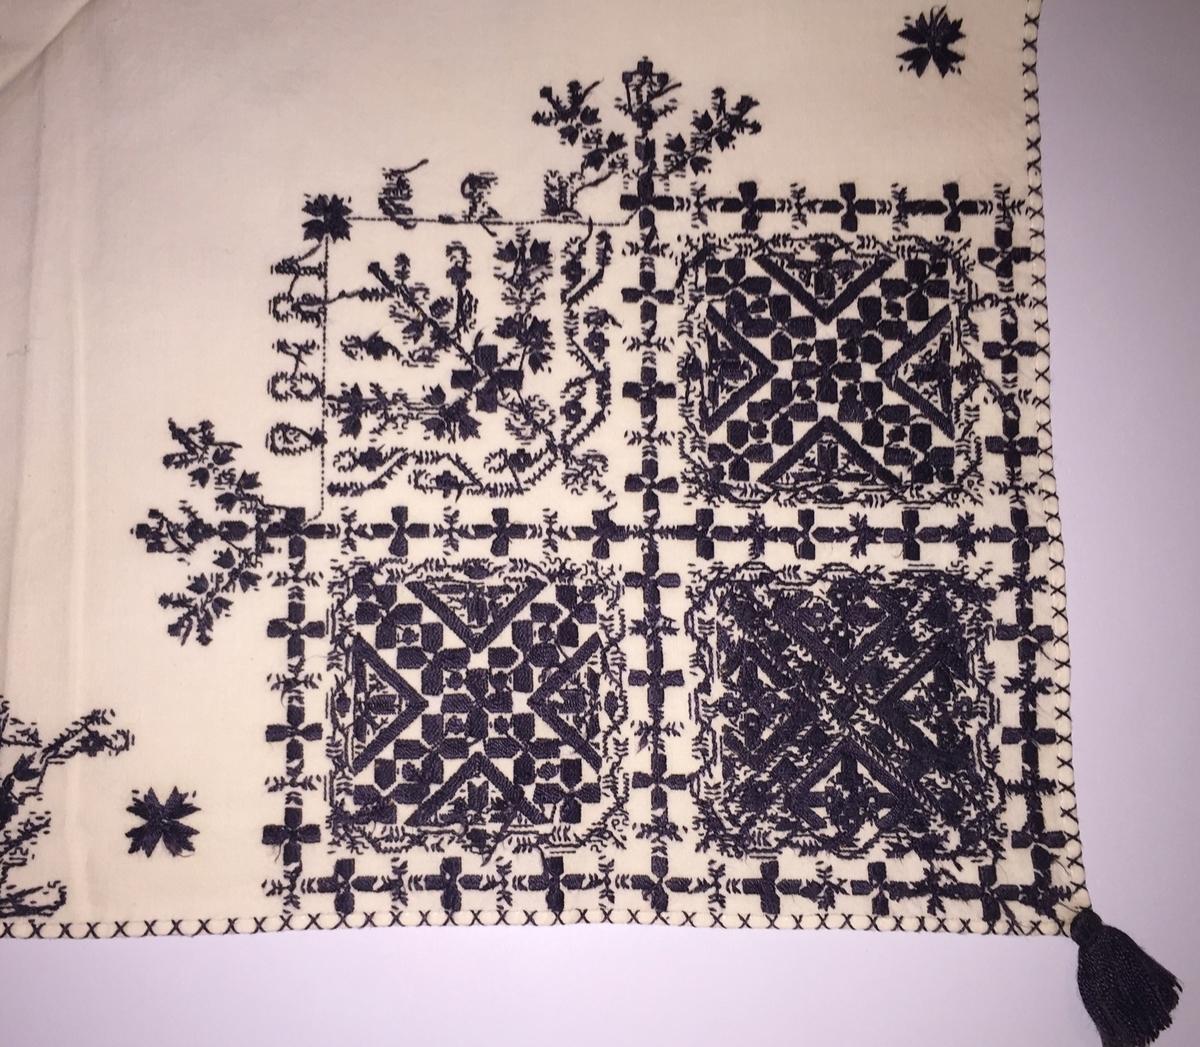 Blomsterinspirerat mönster i kvadrater i hörnen. Runt kvadraterna bård i blomstermotiv. Mellan kvadraterna på ryggsnibb och framsnibbar en blomsterdekoration.  På ryggsnibben tre kvadrater och fyrkantig  majstångsspira samt märkning med årtal och initialer. På varje framsnibb en kvadrat och en trekant. Sex ornament.